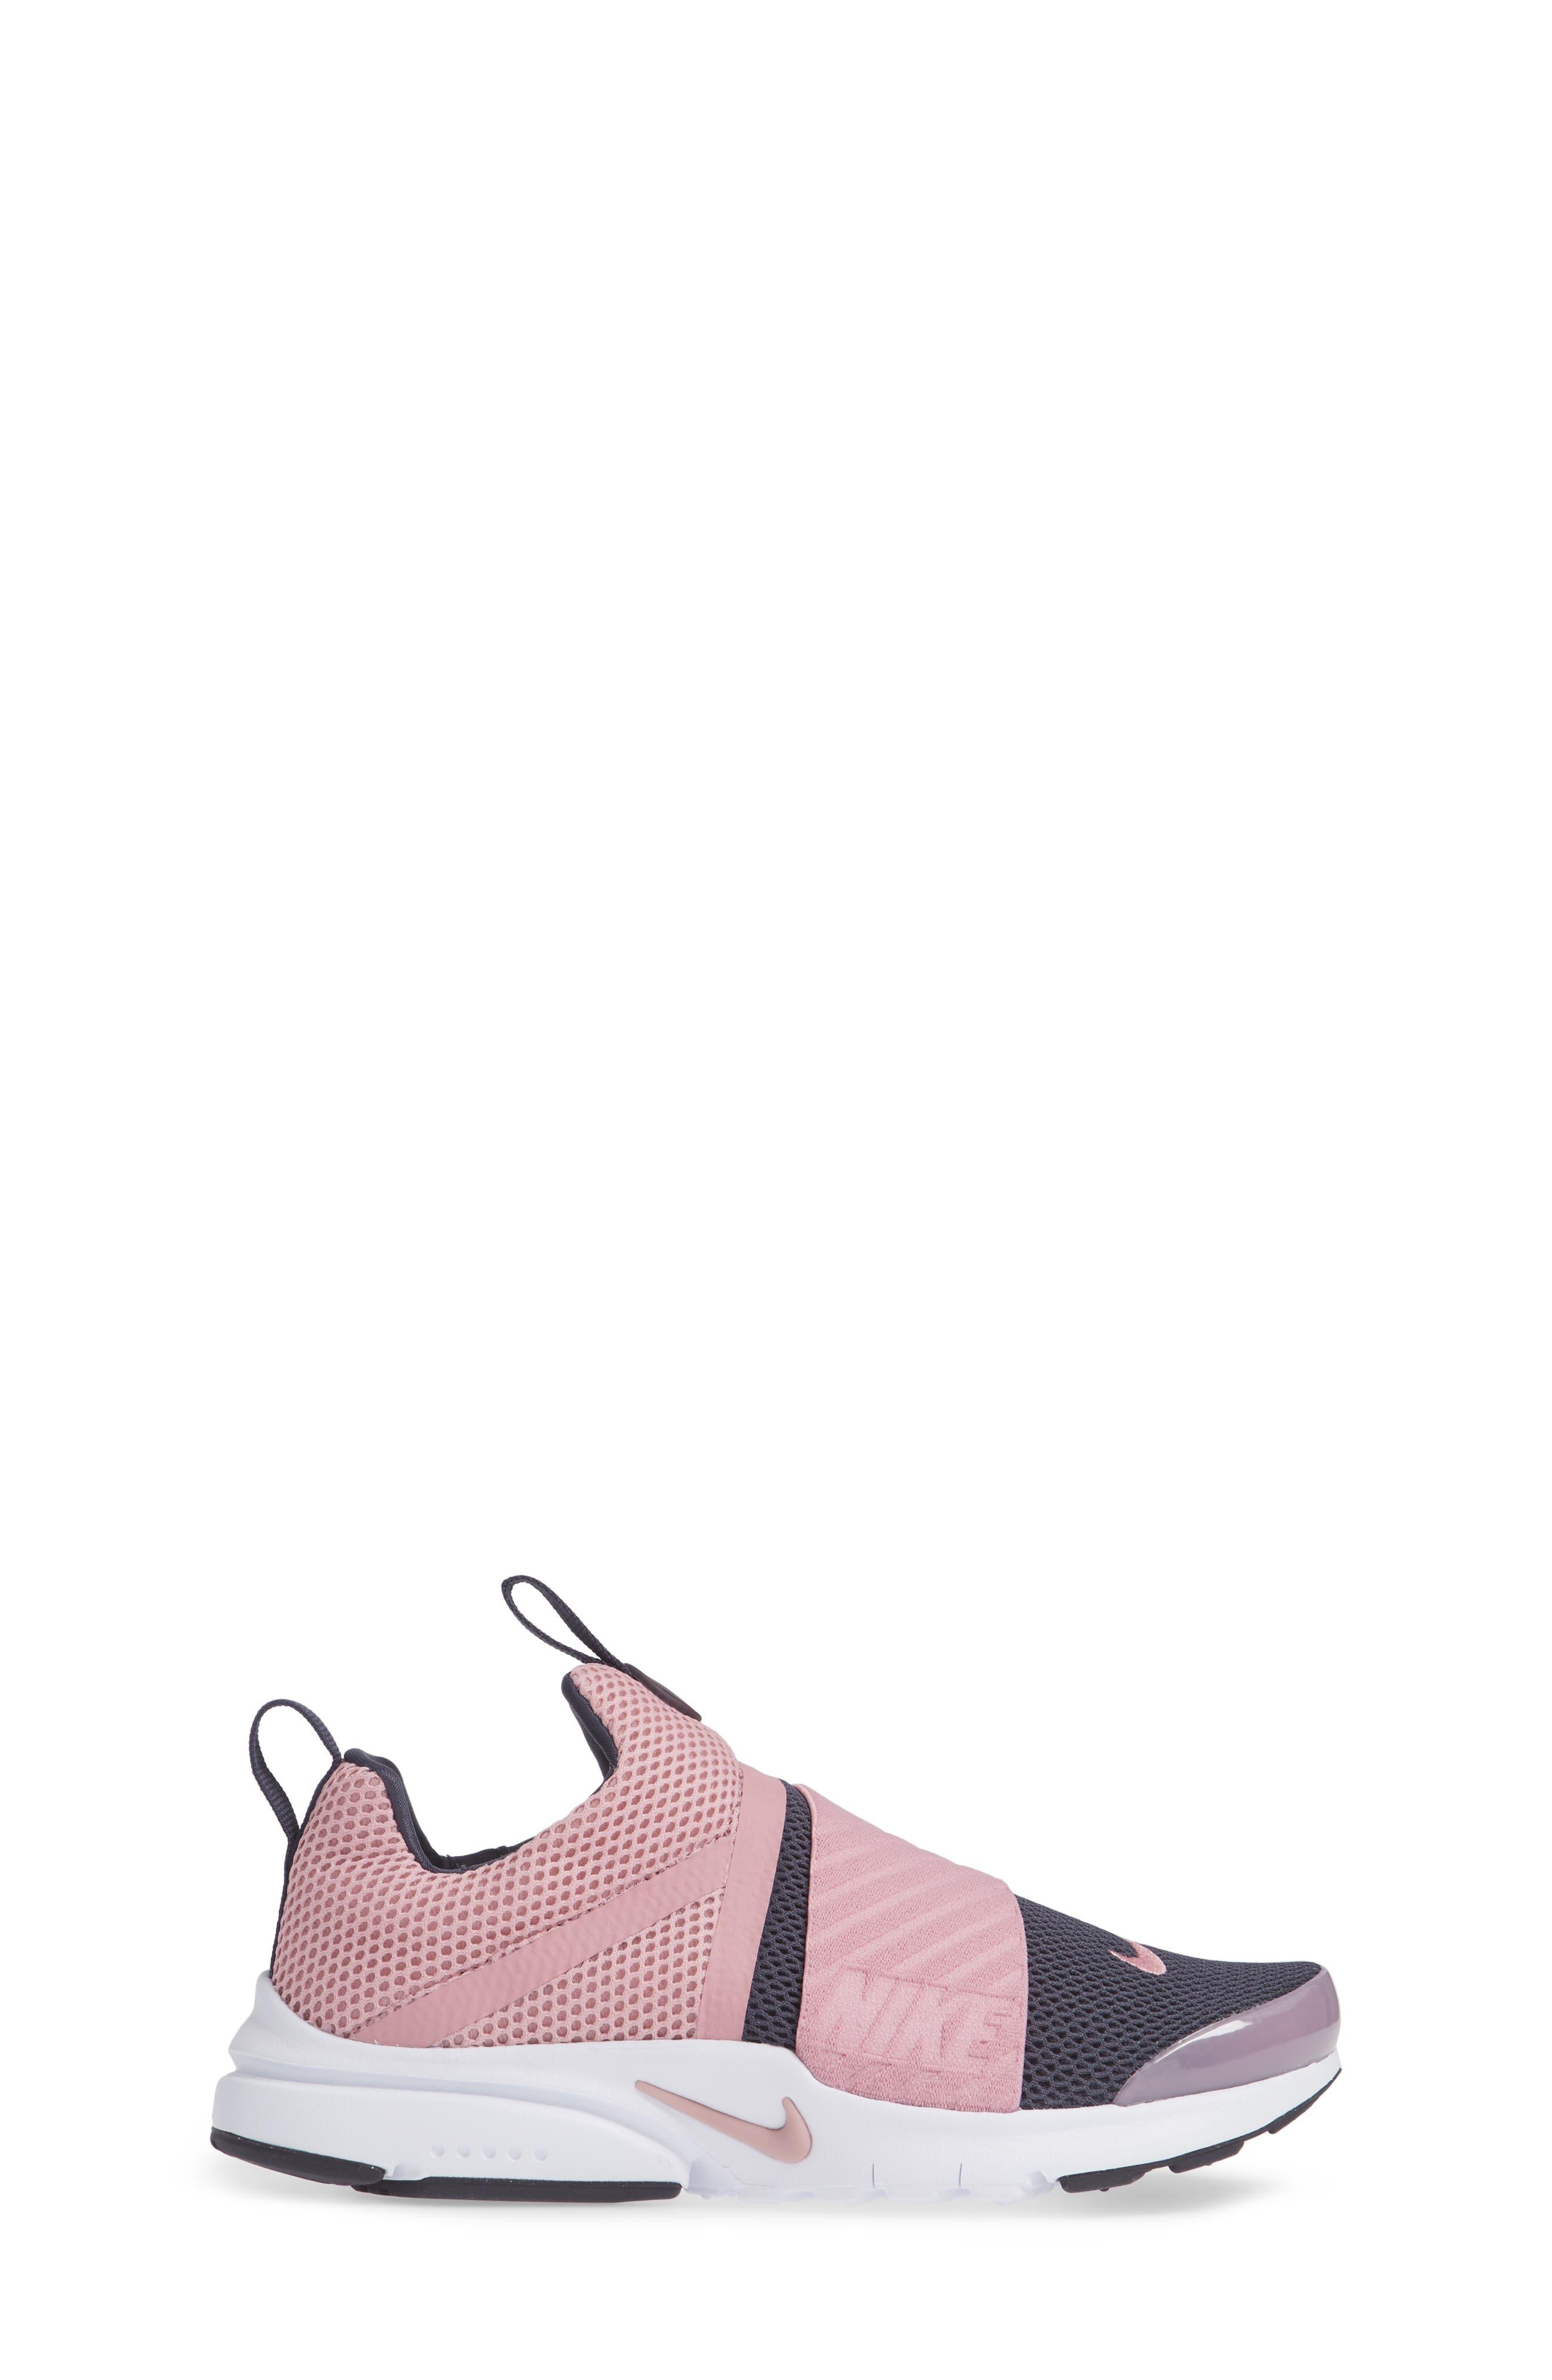 Presto Extreme Sneaker,                             Alternate thumbnail 3, color,                             Elemental Pink/ Gridiron